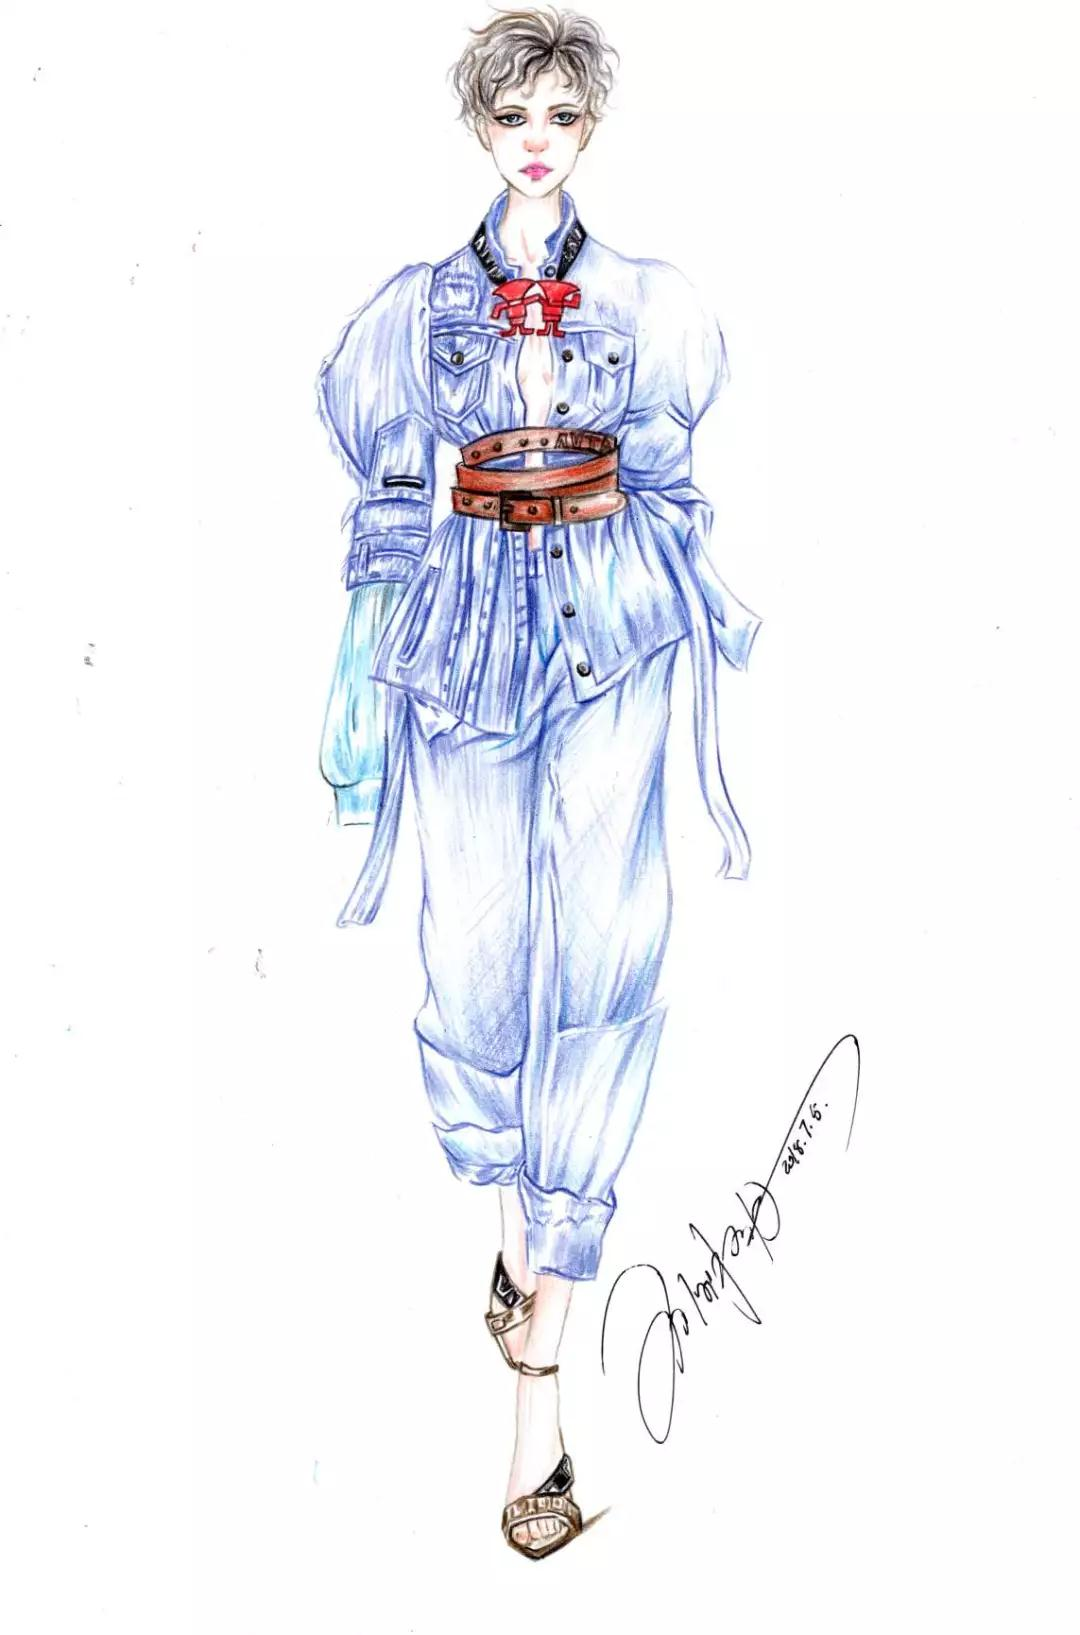 服装排版技巧_时装手绘 | 彩铅时装画-时装画/手绘技巧-服装设计教程-CFW服装设计